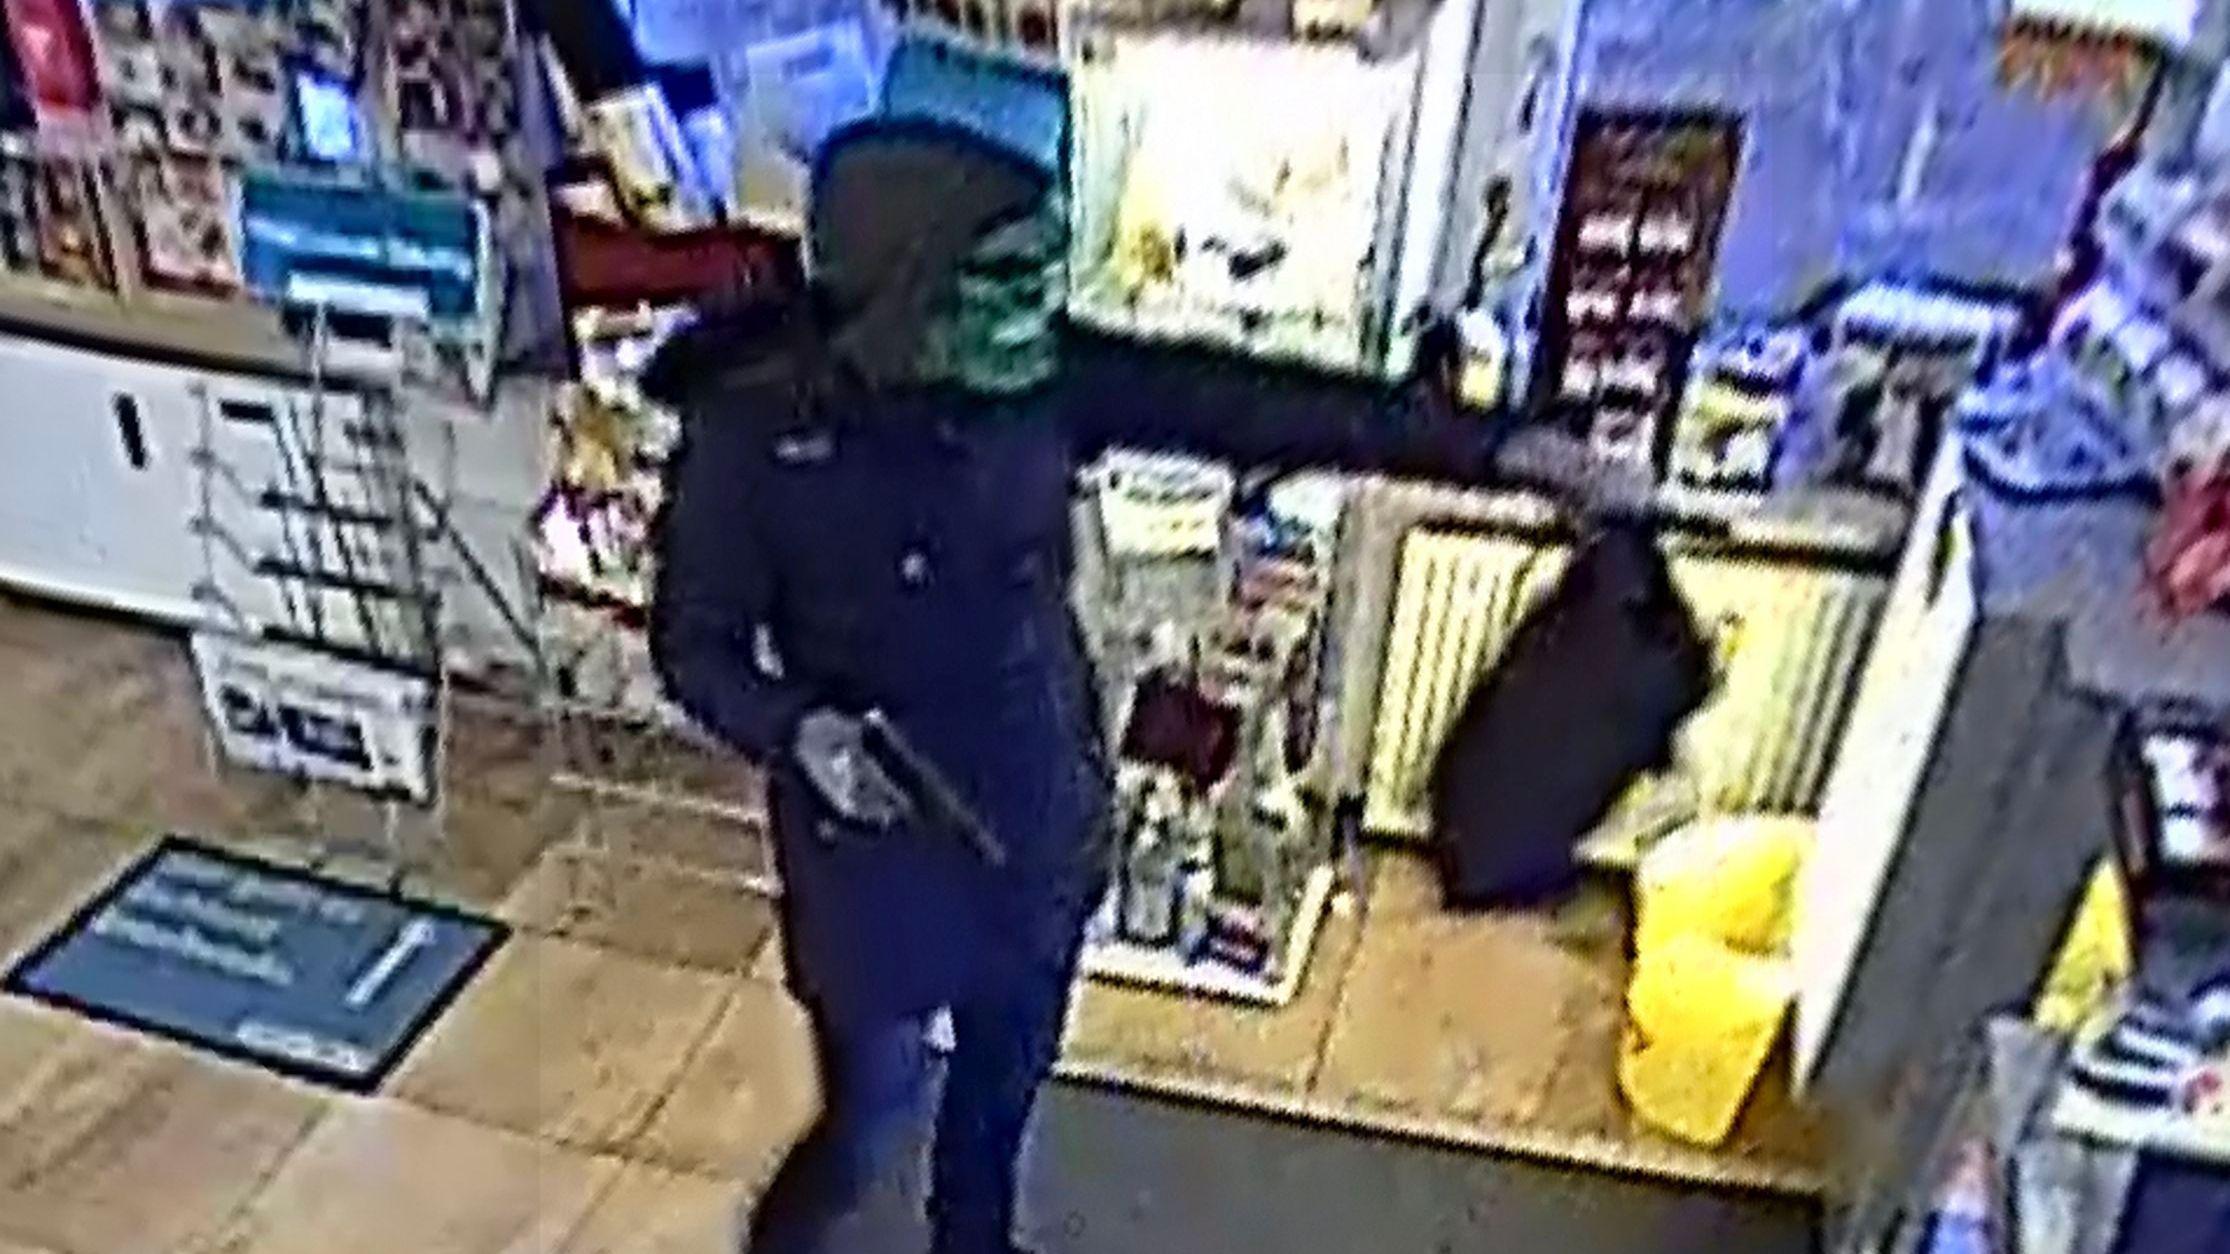 Ein Mann trägt eine blaue Jacke und eine grüne Maske und überfällt einen Laden